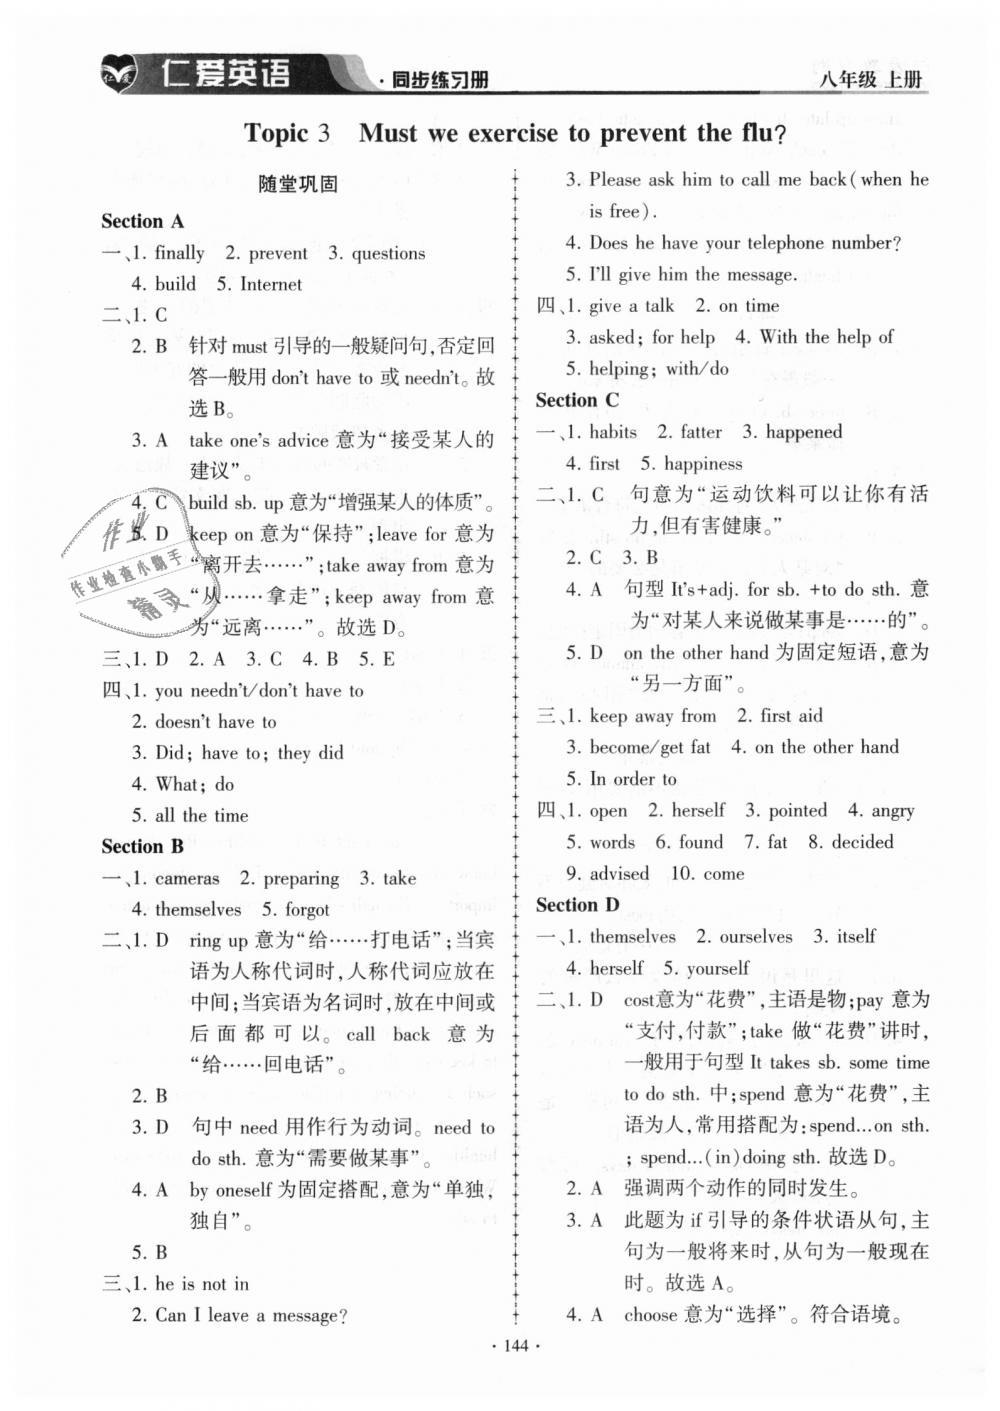 2018年仁爱英语同步练习册八年级上册E第14页